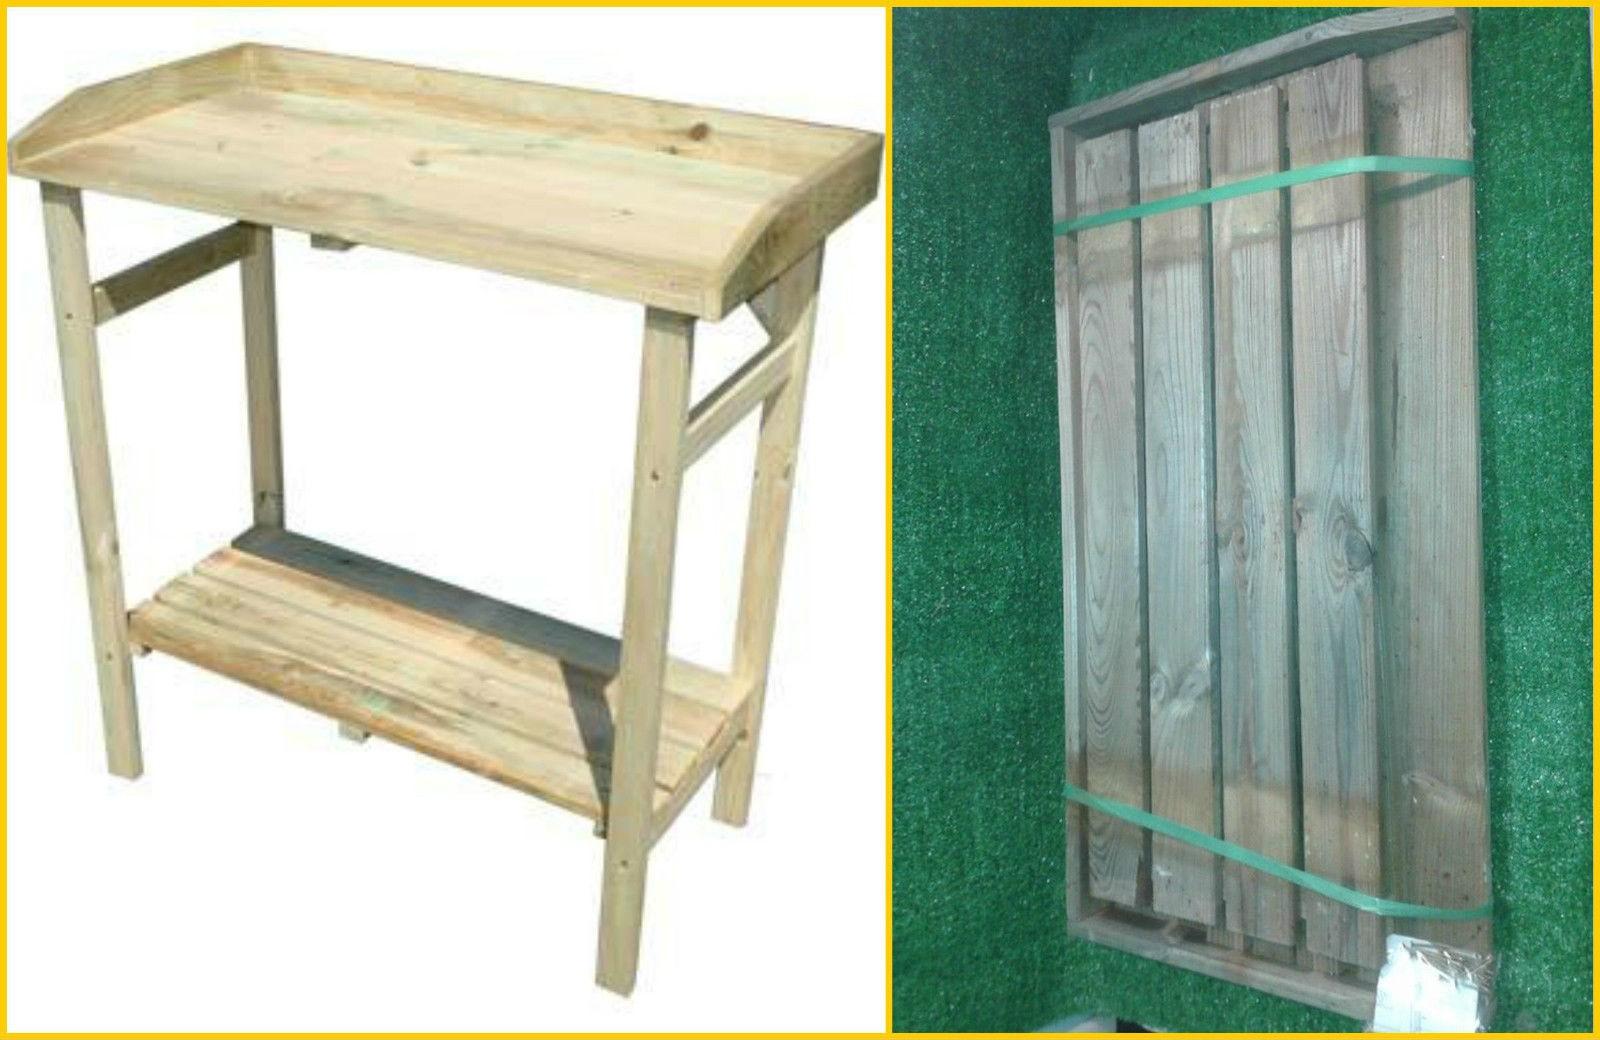 Tavolo Esterno Fai Da Te banco lavoro in legno eco 80x40x85 banchetto tavolo cavalletto fai da te